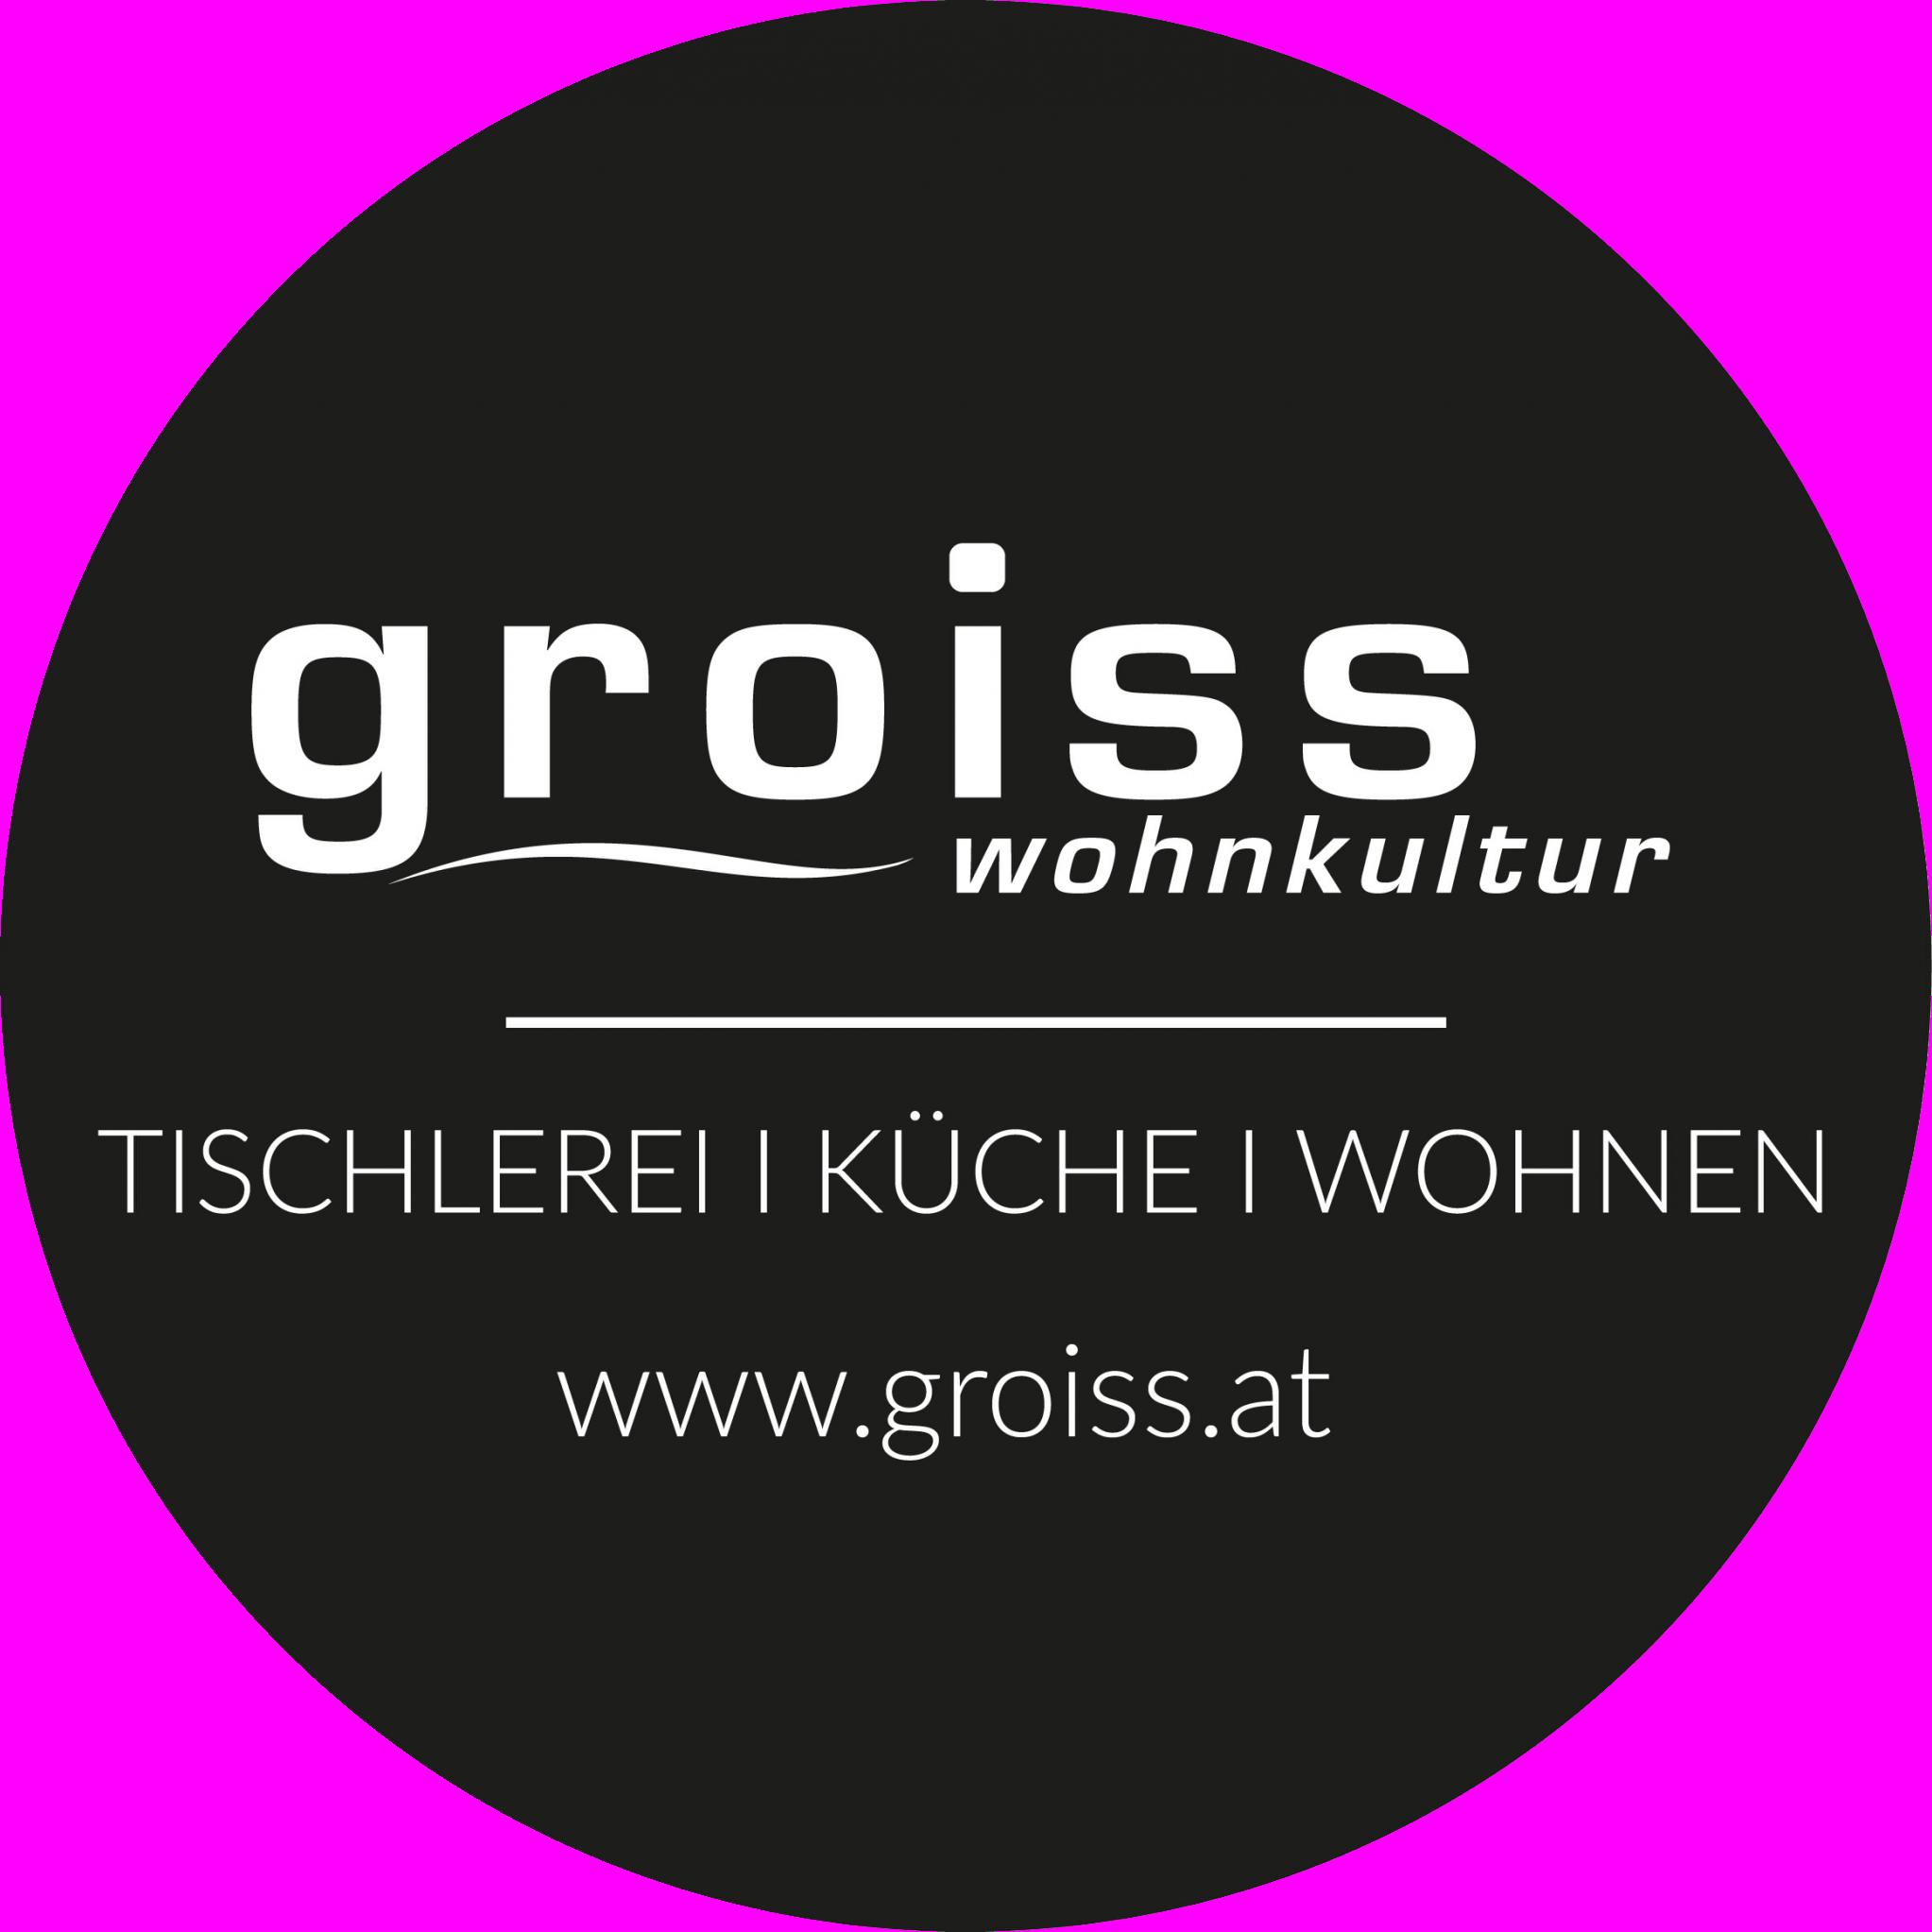 Groiss Wohnkultur e.U.